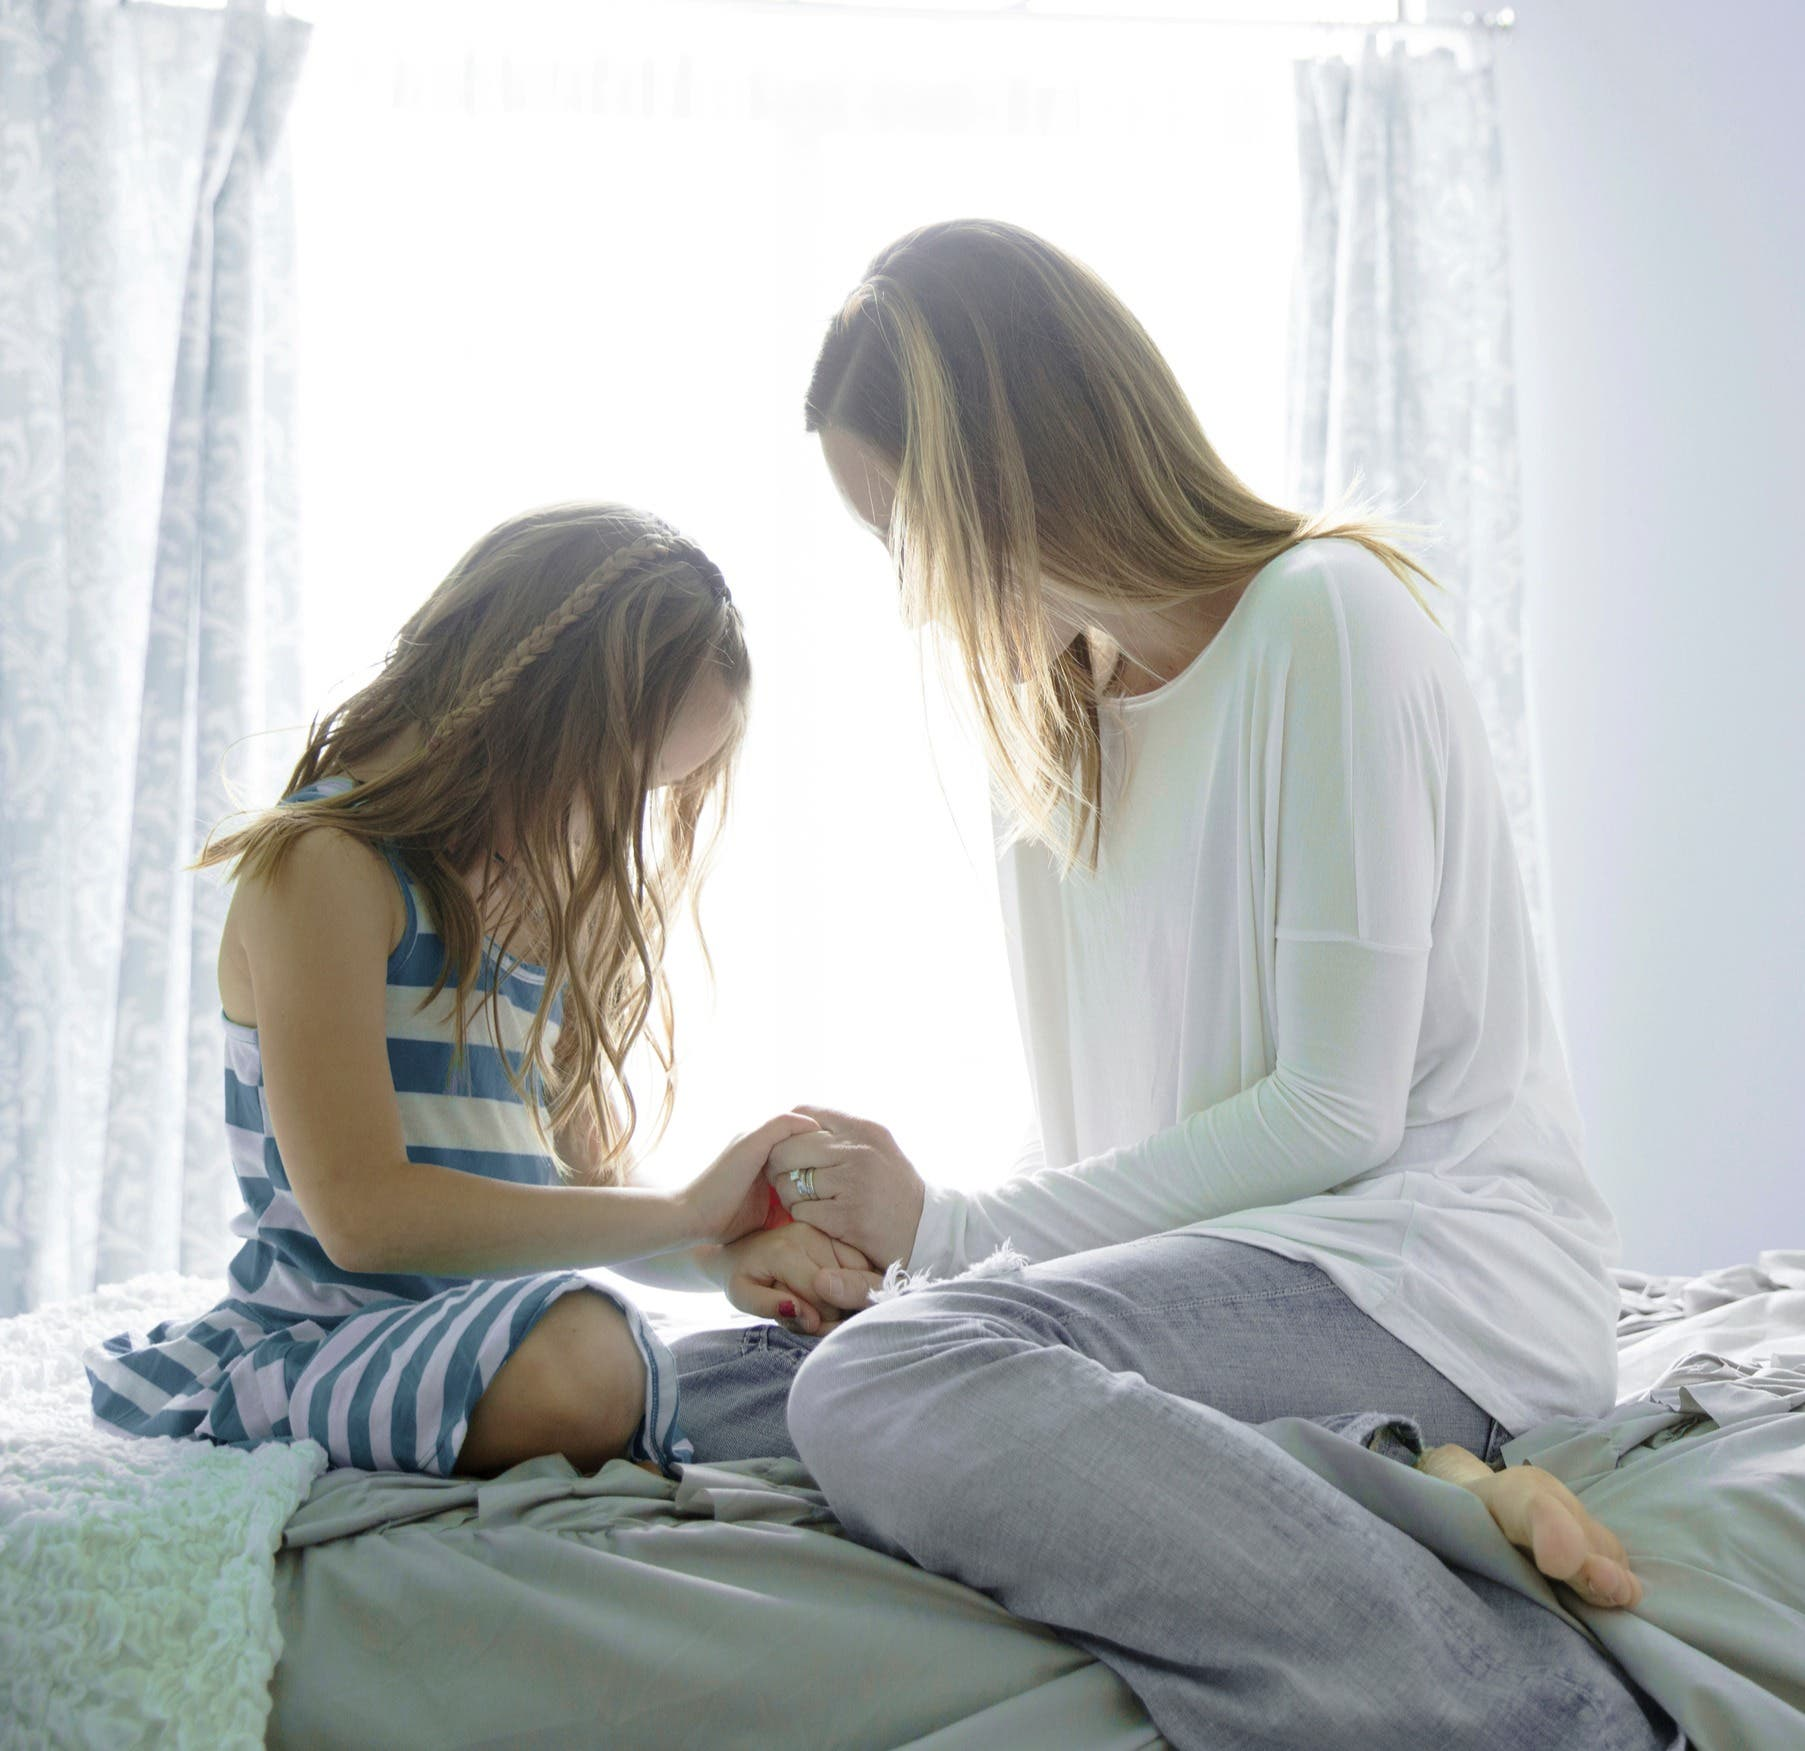 Girl and mom praying